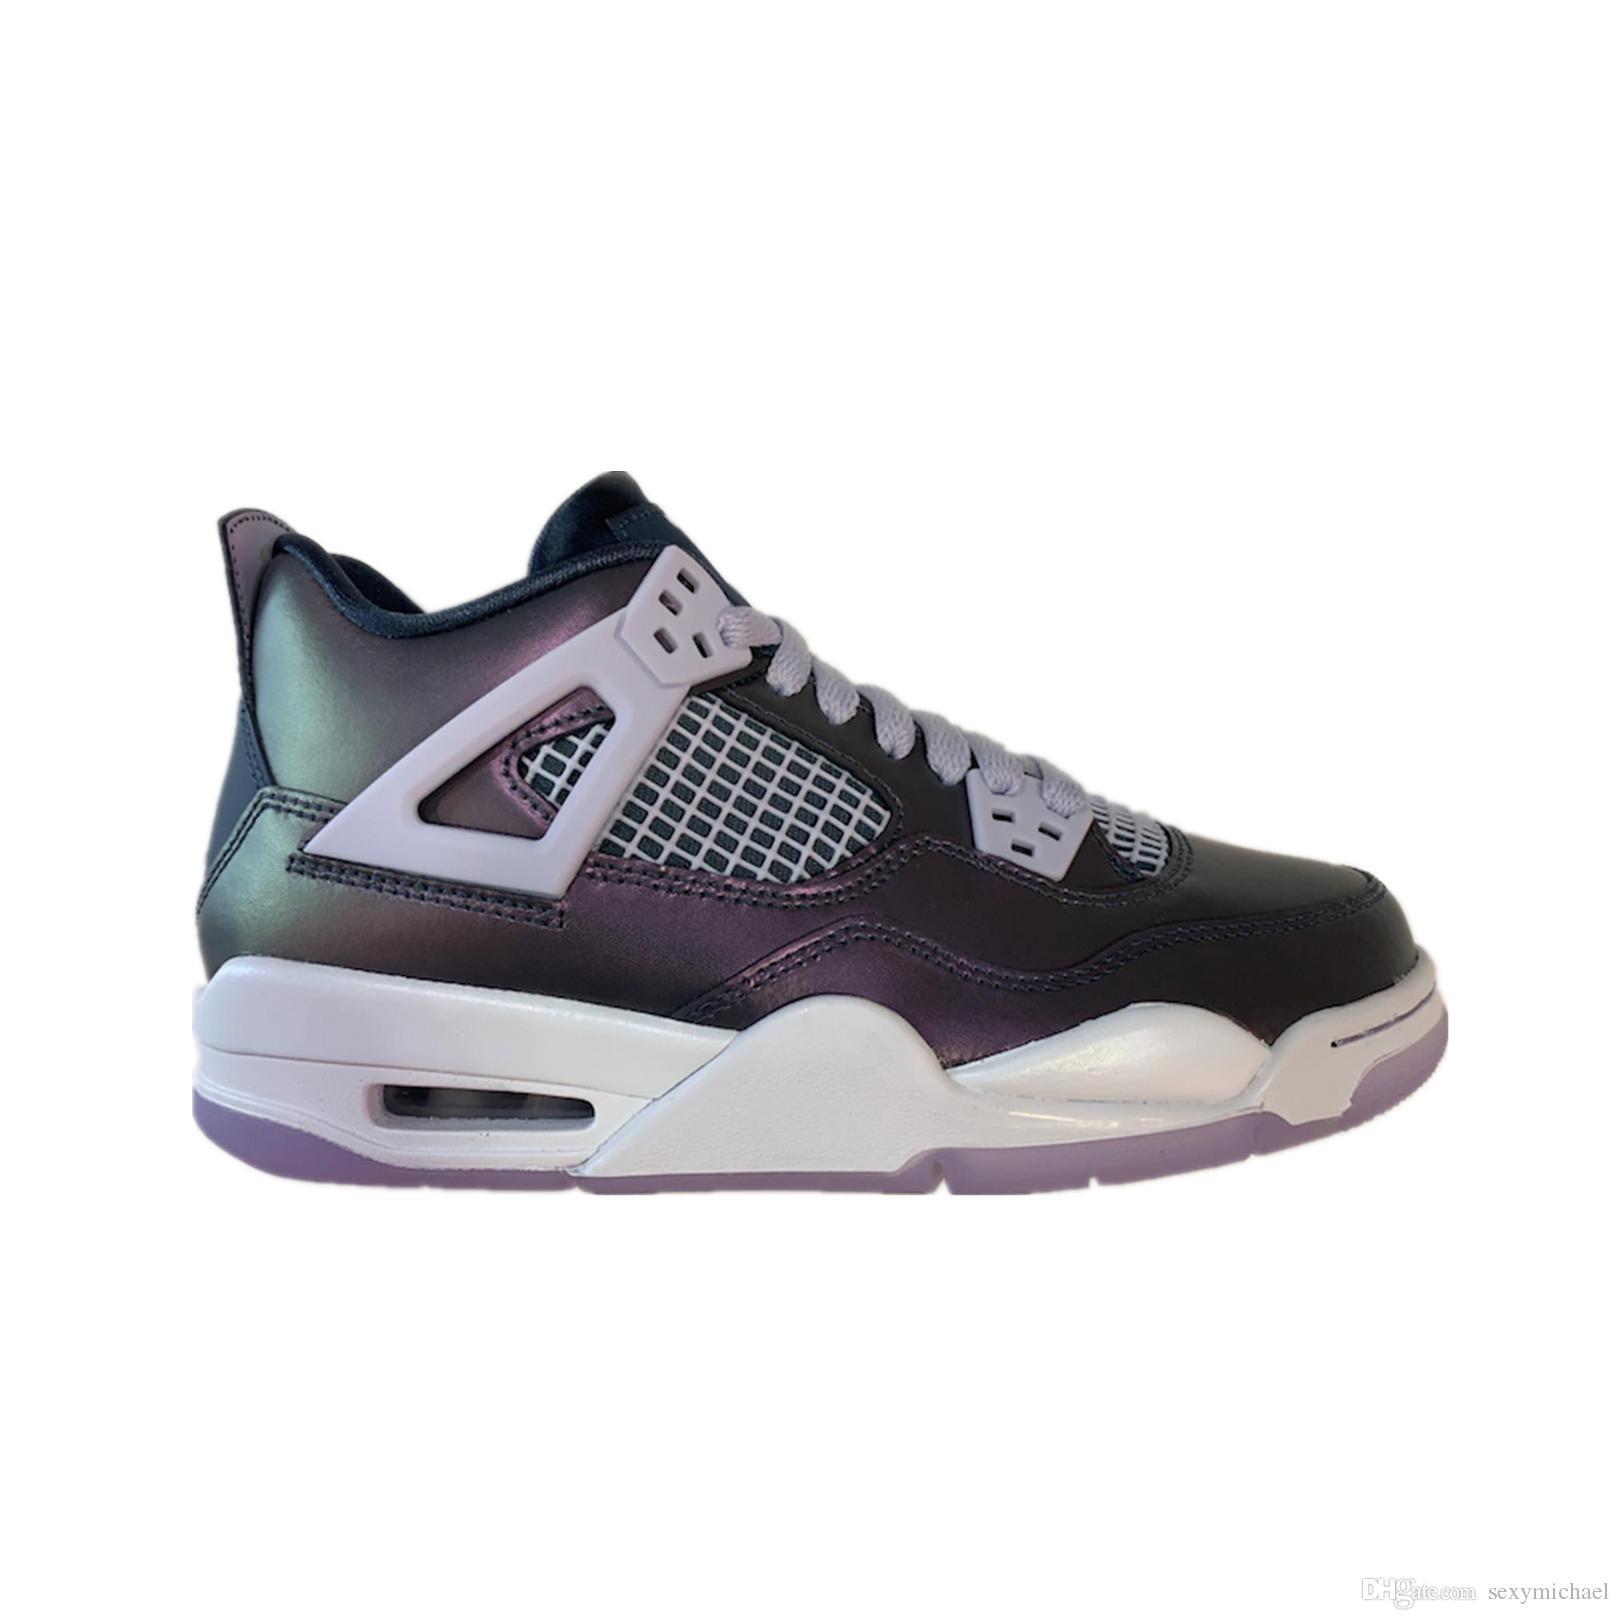 4s Monsoon Blue Women Shoes Sneakers